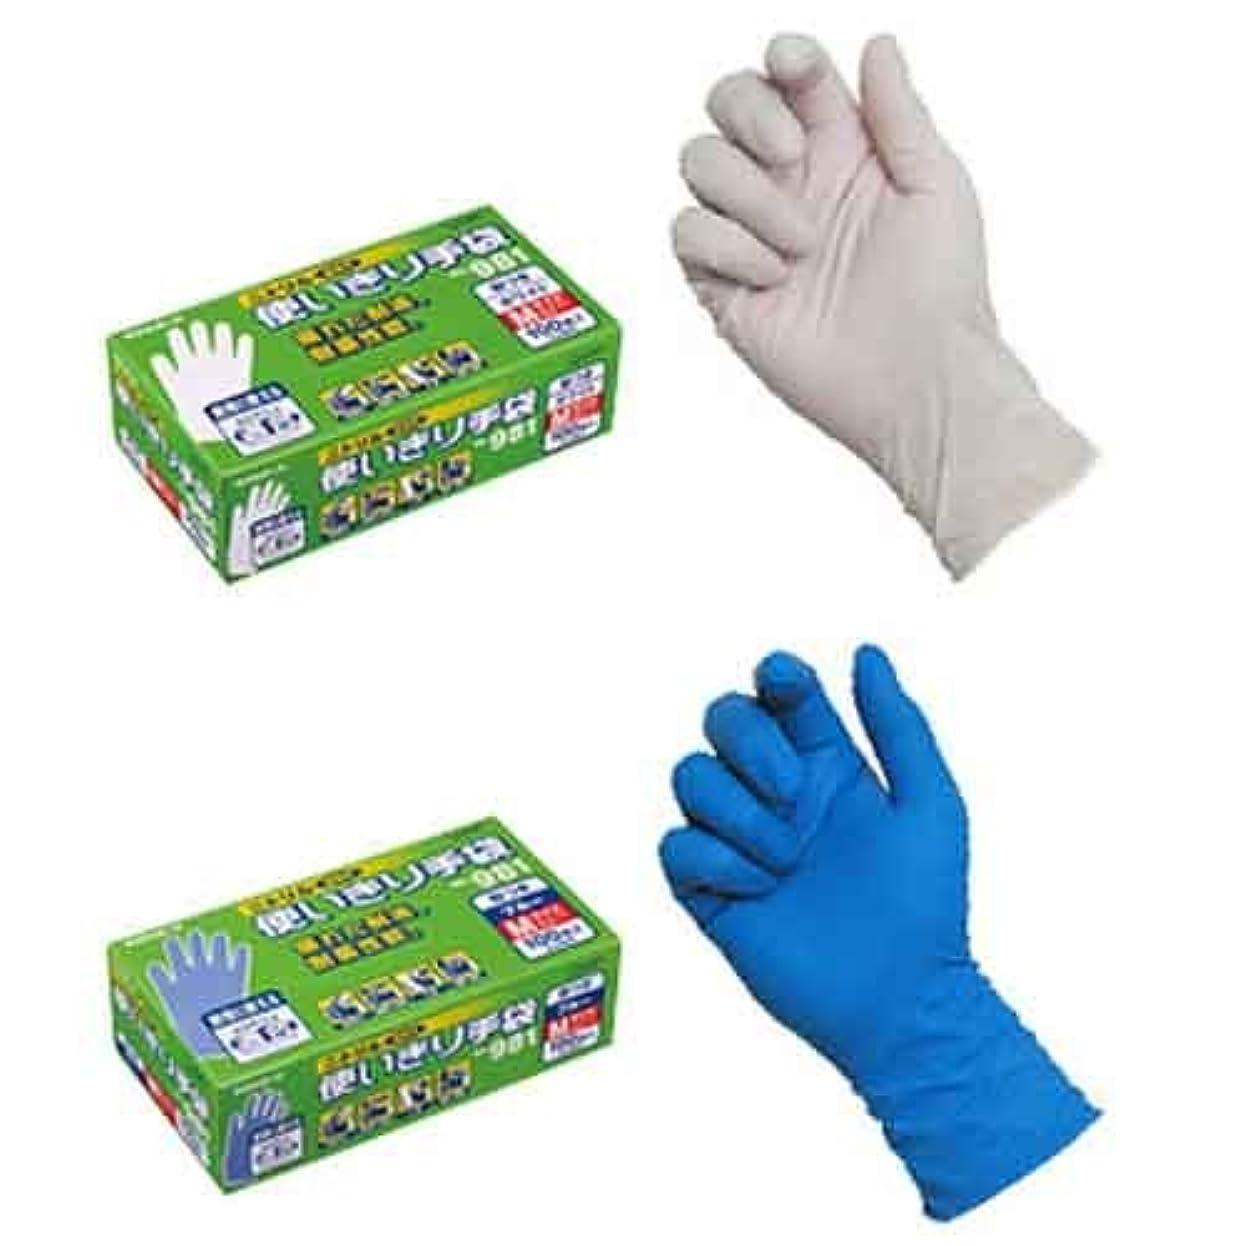 カリング立派な協会モデルローブNo981ニトリル使いきり手袋粉つき100枚ブルーSS